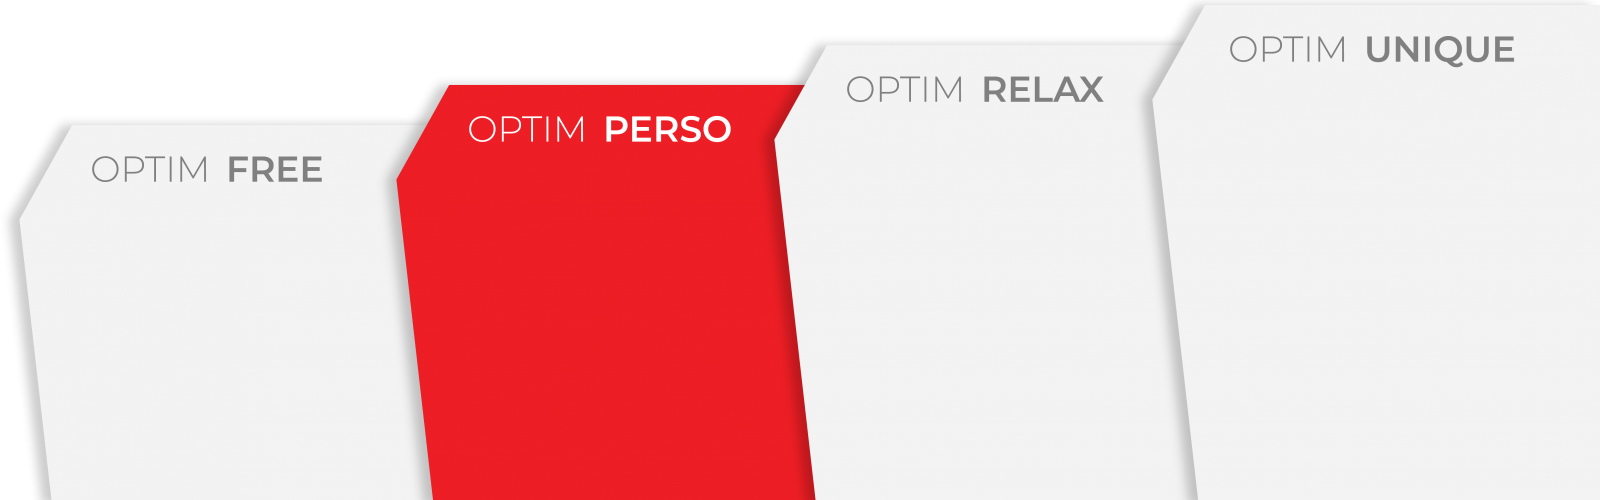 Optim_Perso_Hero2